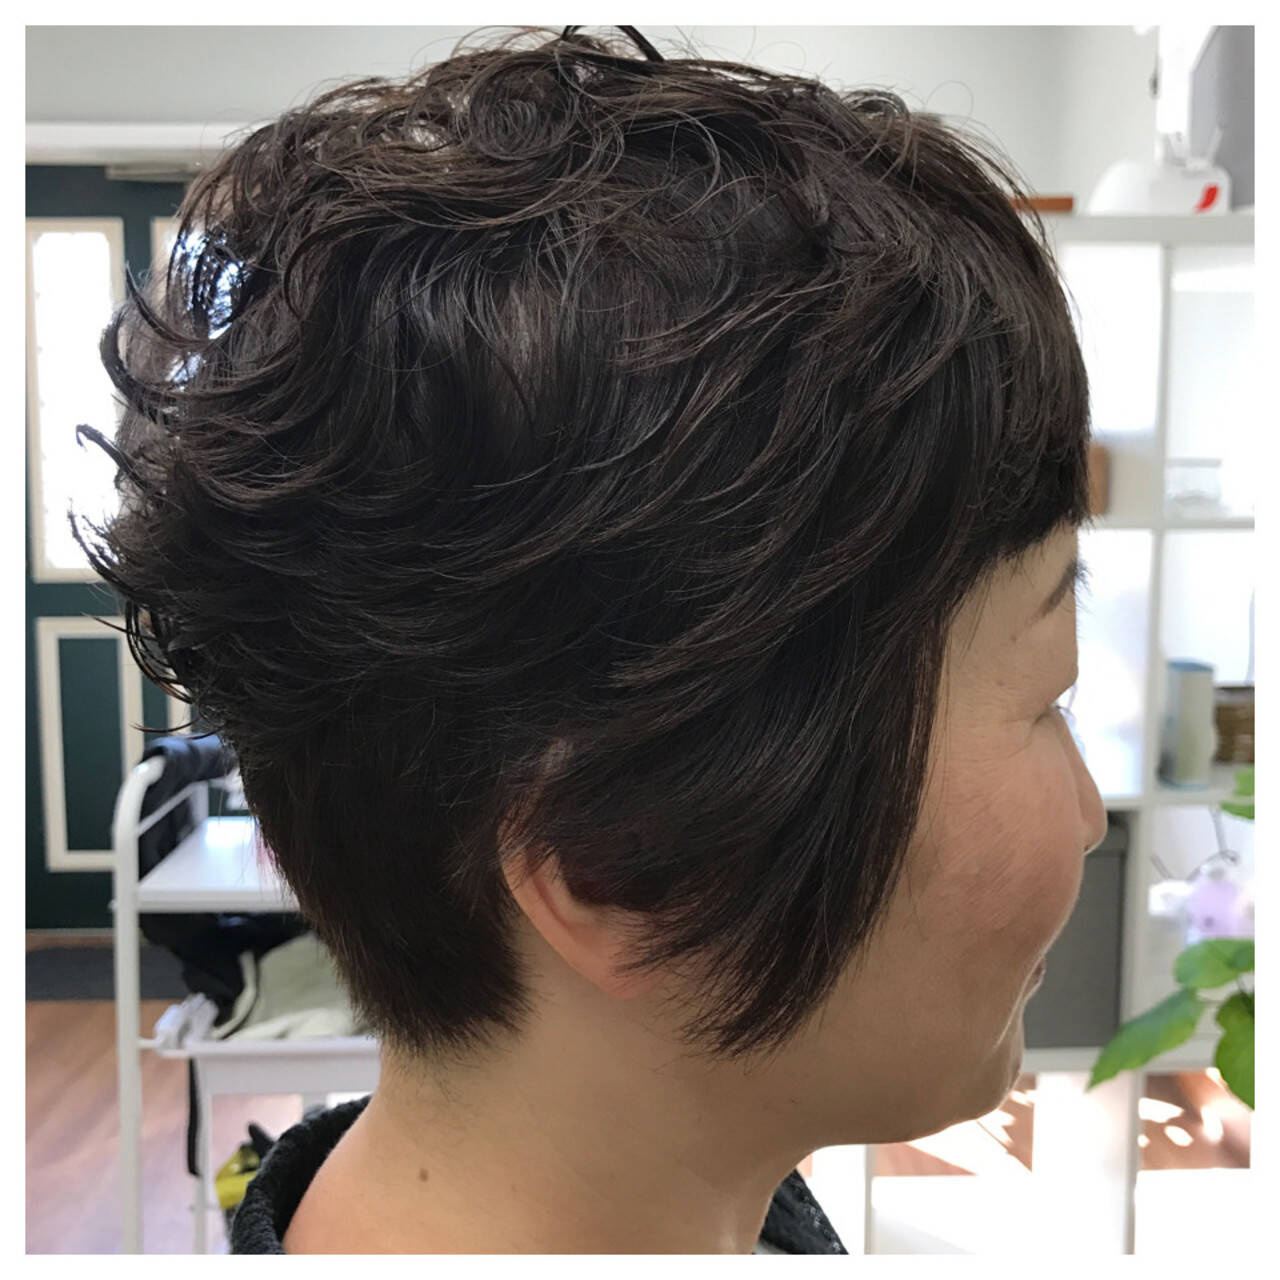 暗髪 ショート こなれ感 パーマヘアスタイルや髪型の写真・画像